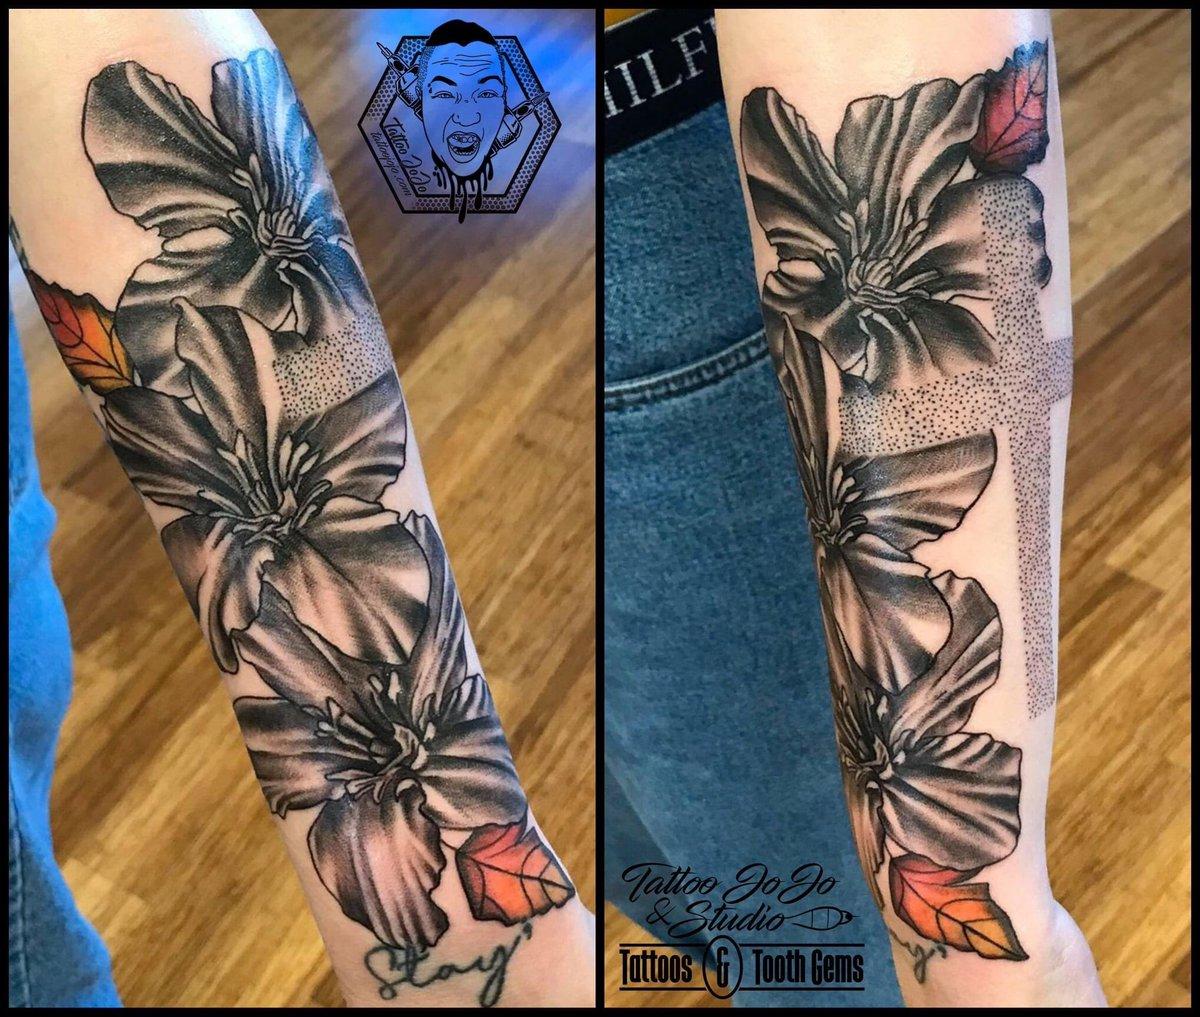 Here's another fun one done this week. Thanks for looking! http://tattoojojo.com  #tattoojojo #tattoojojoandstudio #tattooshop #tattoostudio #appointmentonly #tattooartist #tattoos #tattoosnearme #art #ink #tattooist #floraltattoo #crosstattoo #blackandgreypic.twitter.com/RoaqqAcXNE